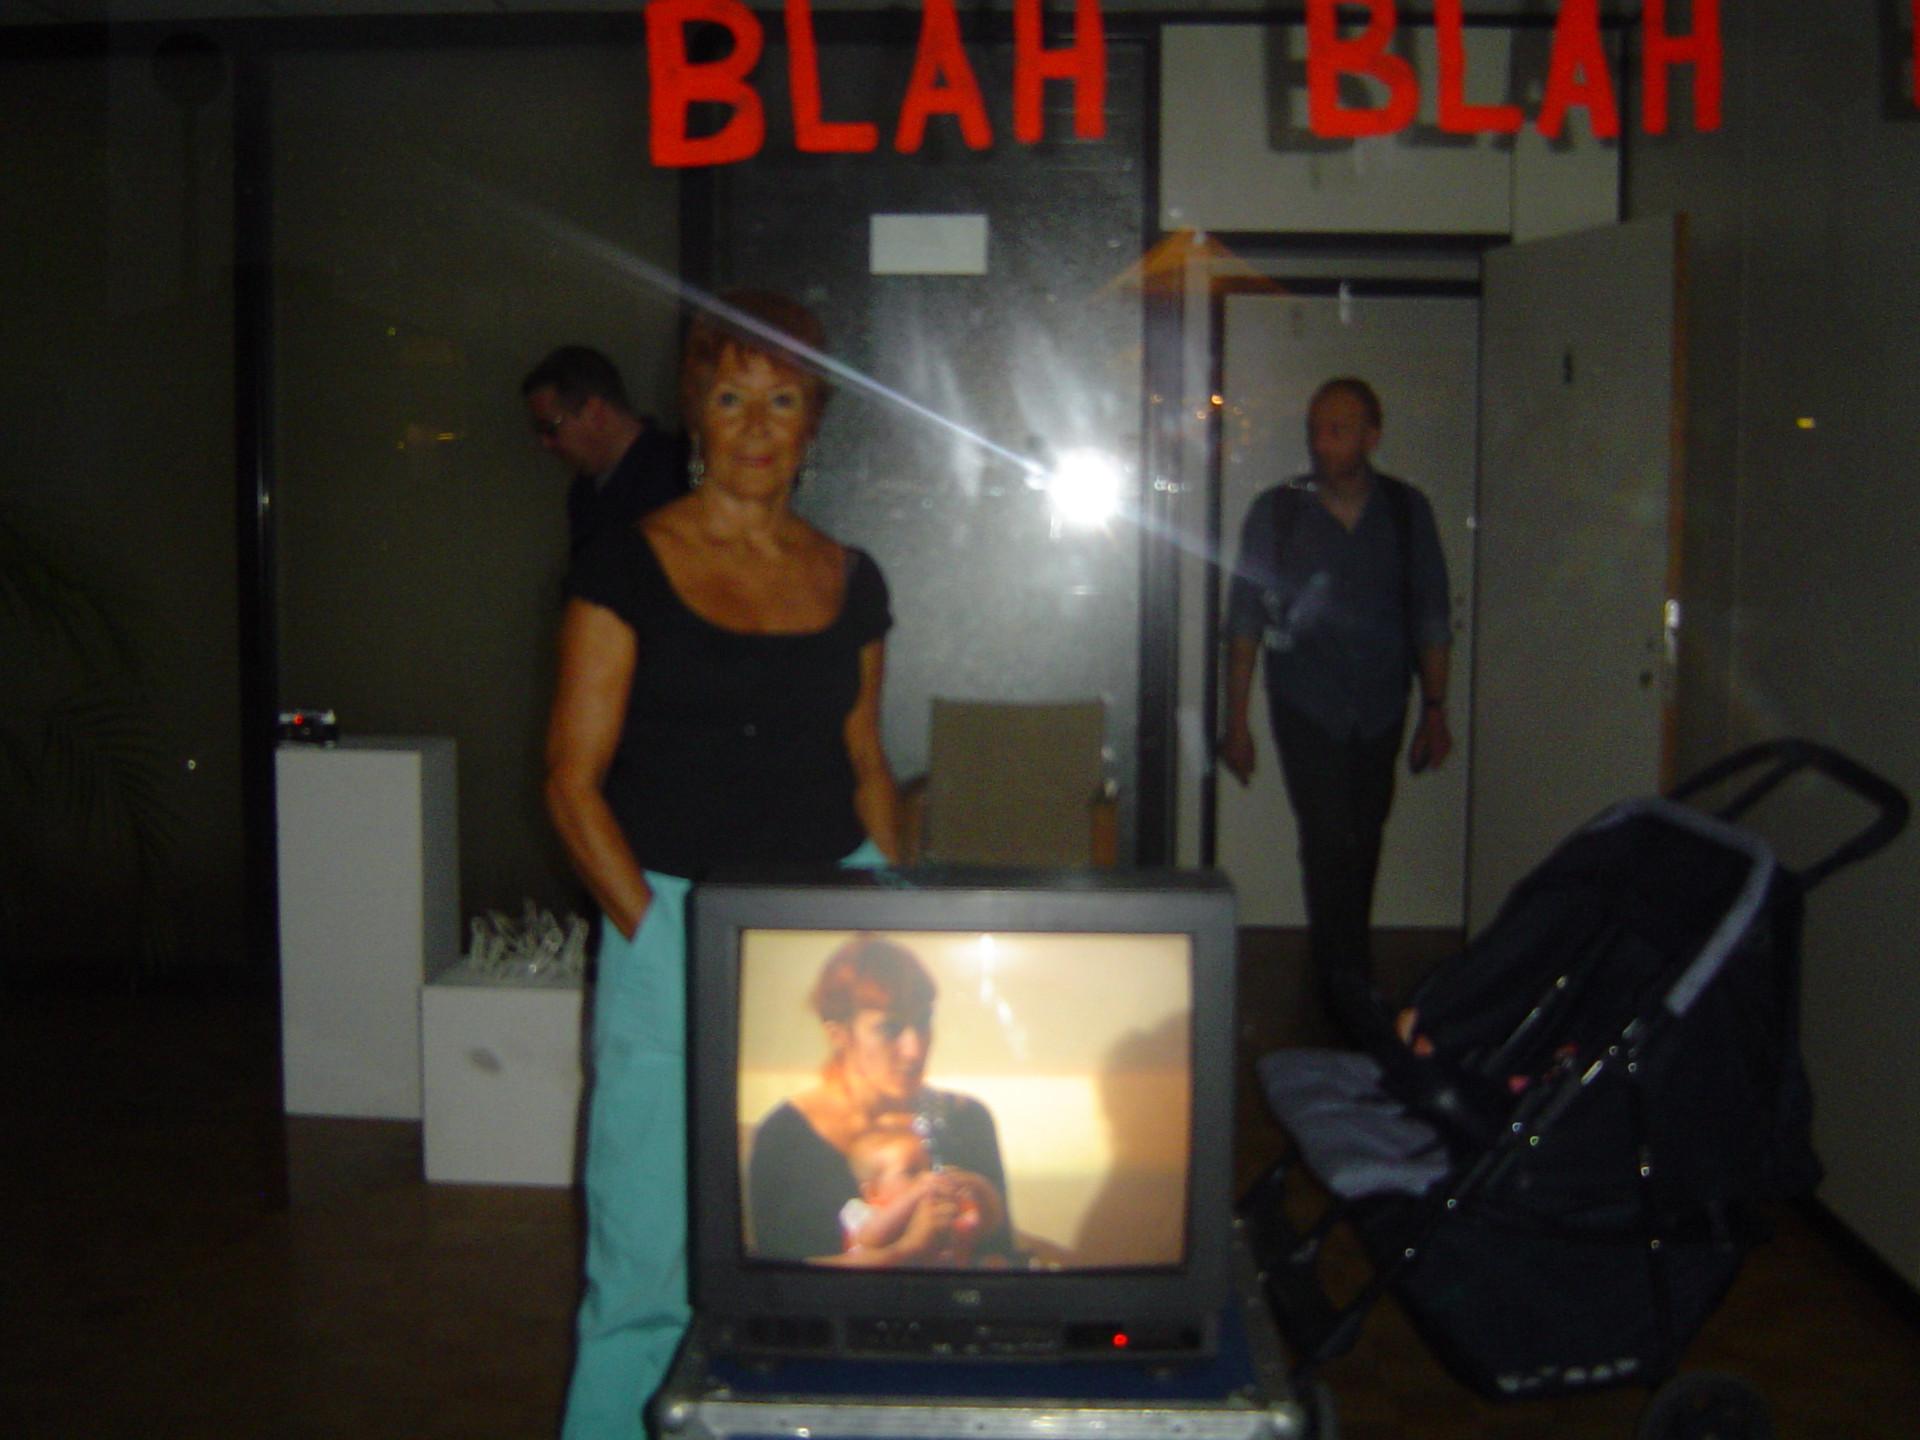 Blah blah. Komplot 2006